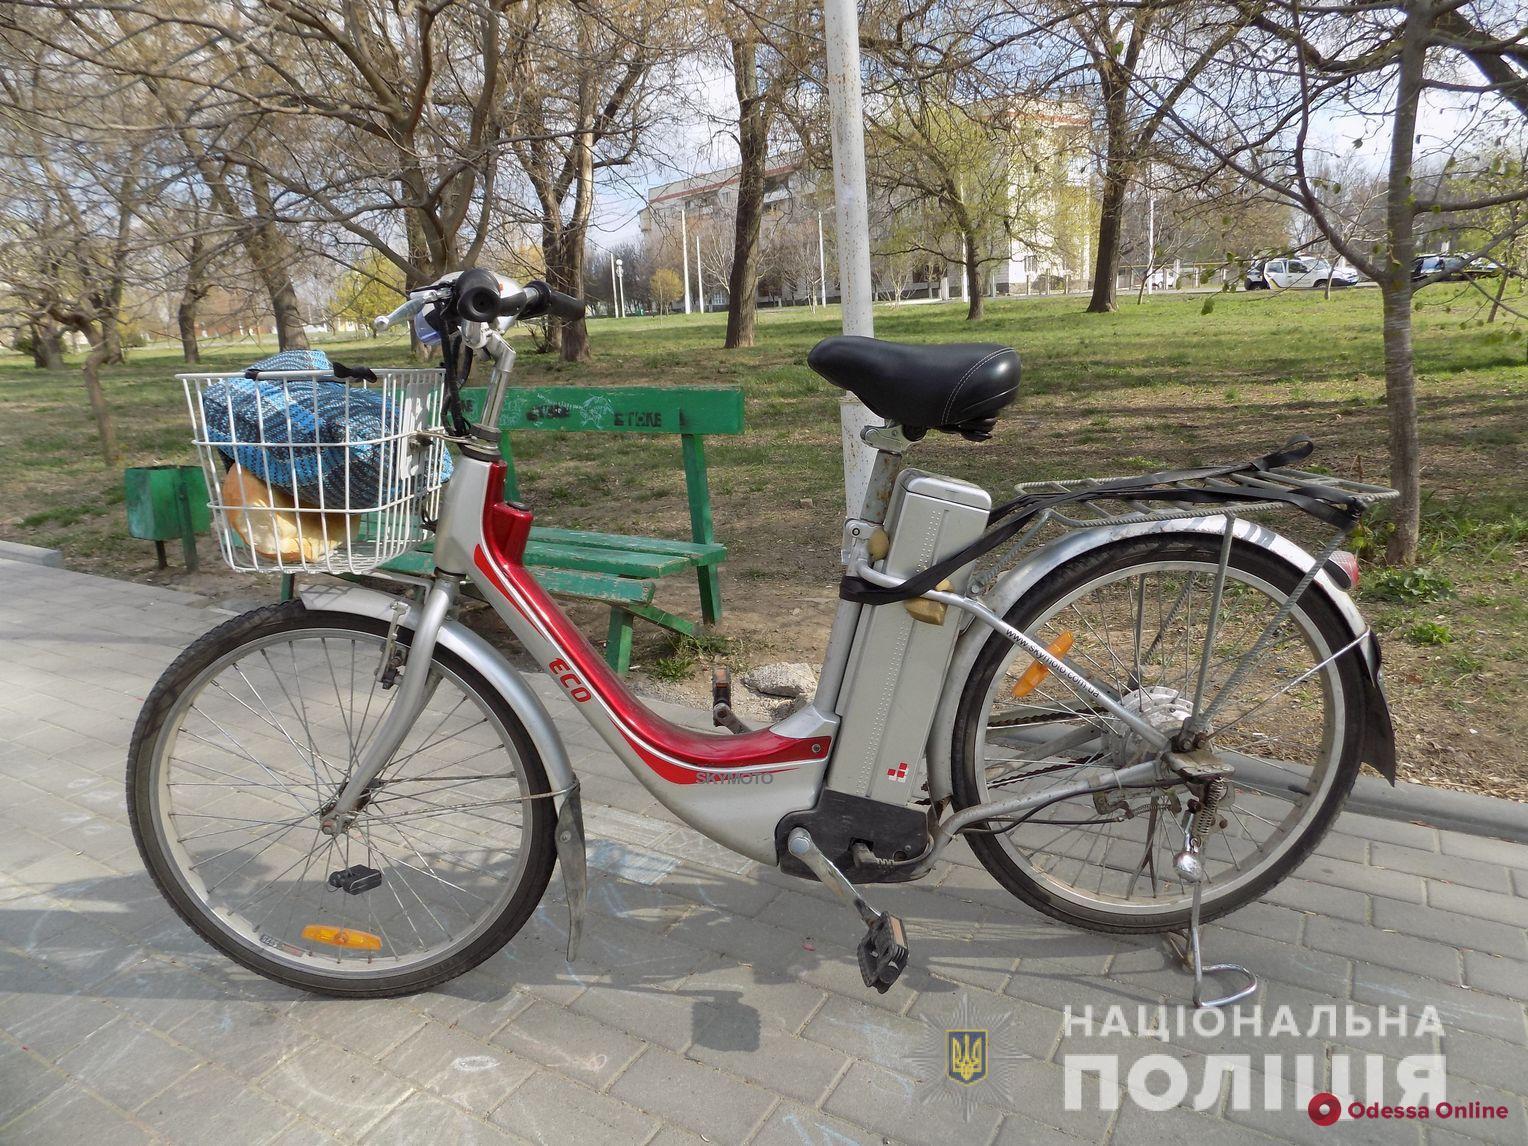 Одесская область: пенсионер поймал и передал в полицию велоугонщика